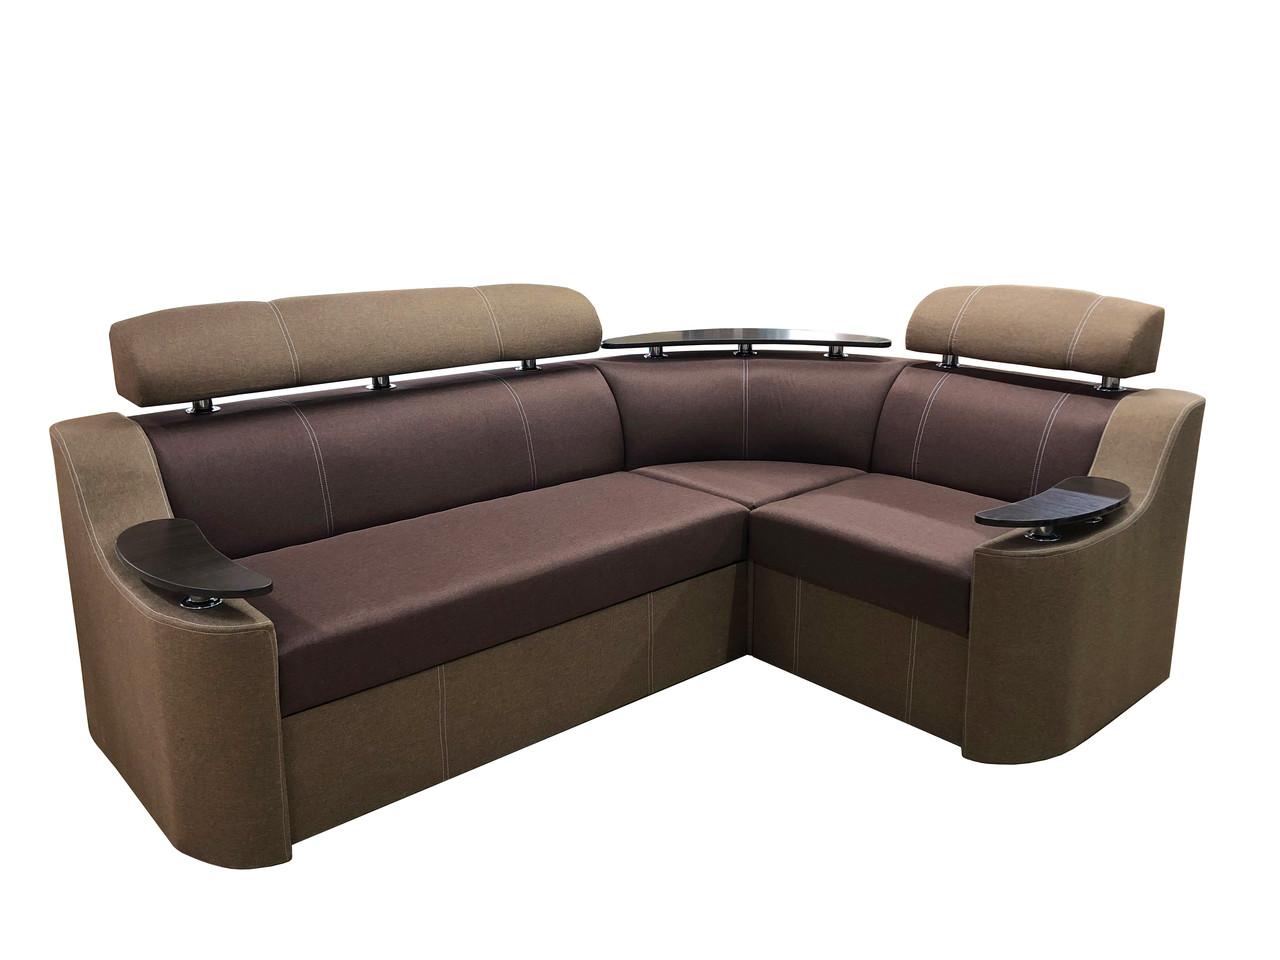 Угловой диван Дельфин НЕВАДА с столиком в гостиную, комфортный угловой диван красивый для дома Коричневый